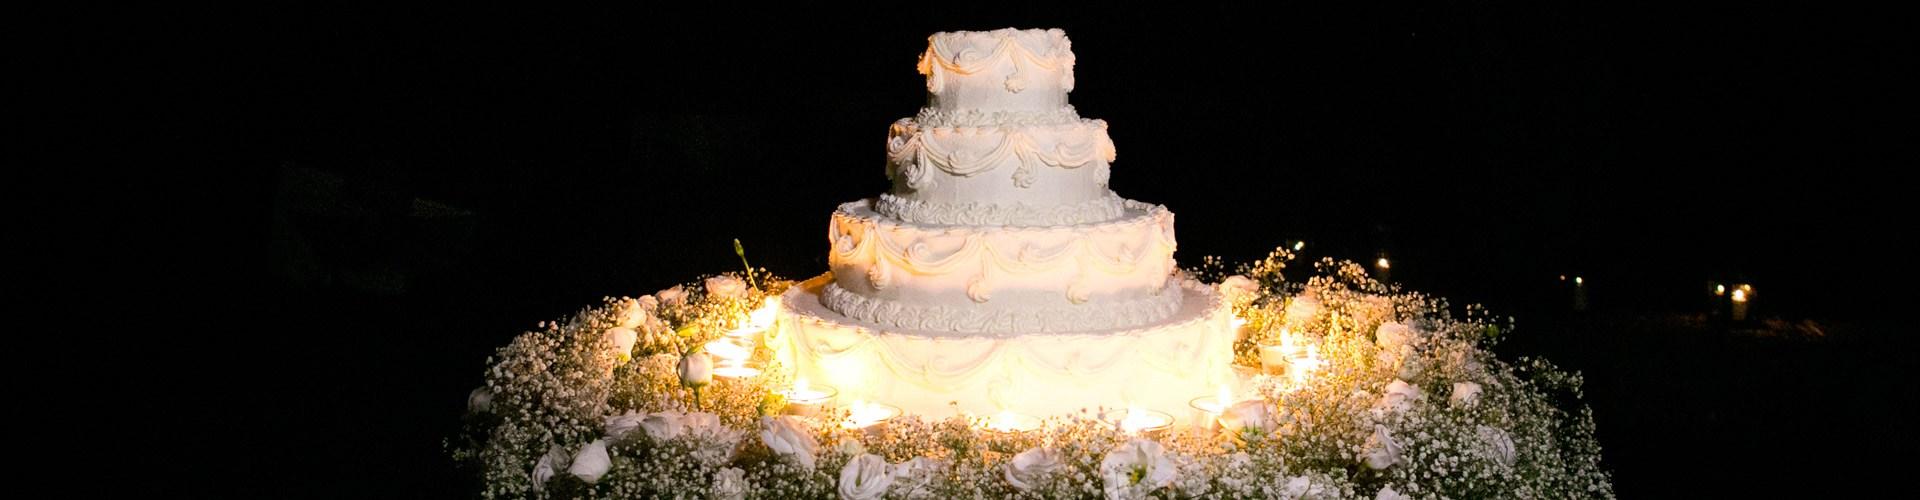 Capurro Ricevimenti Torte e Confetti image 17